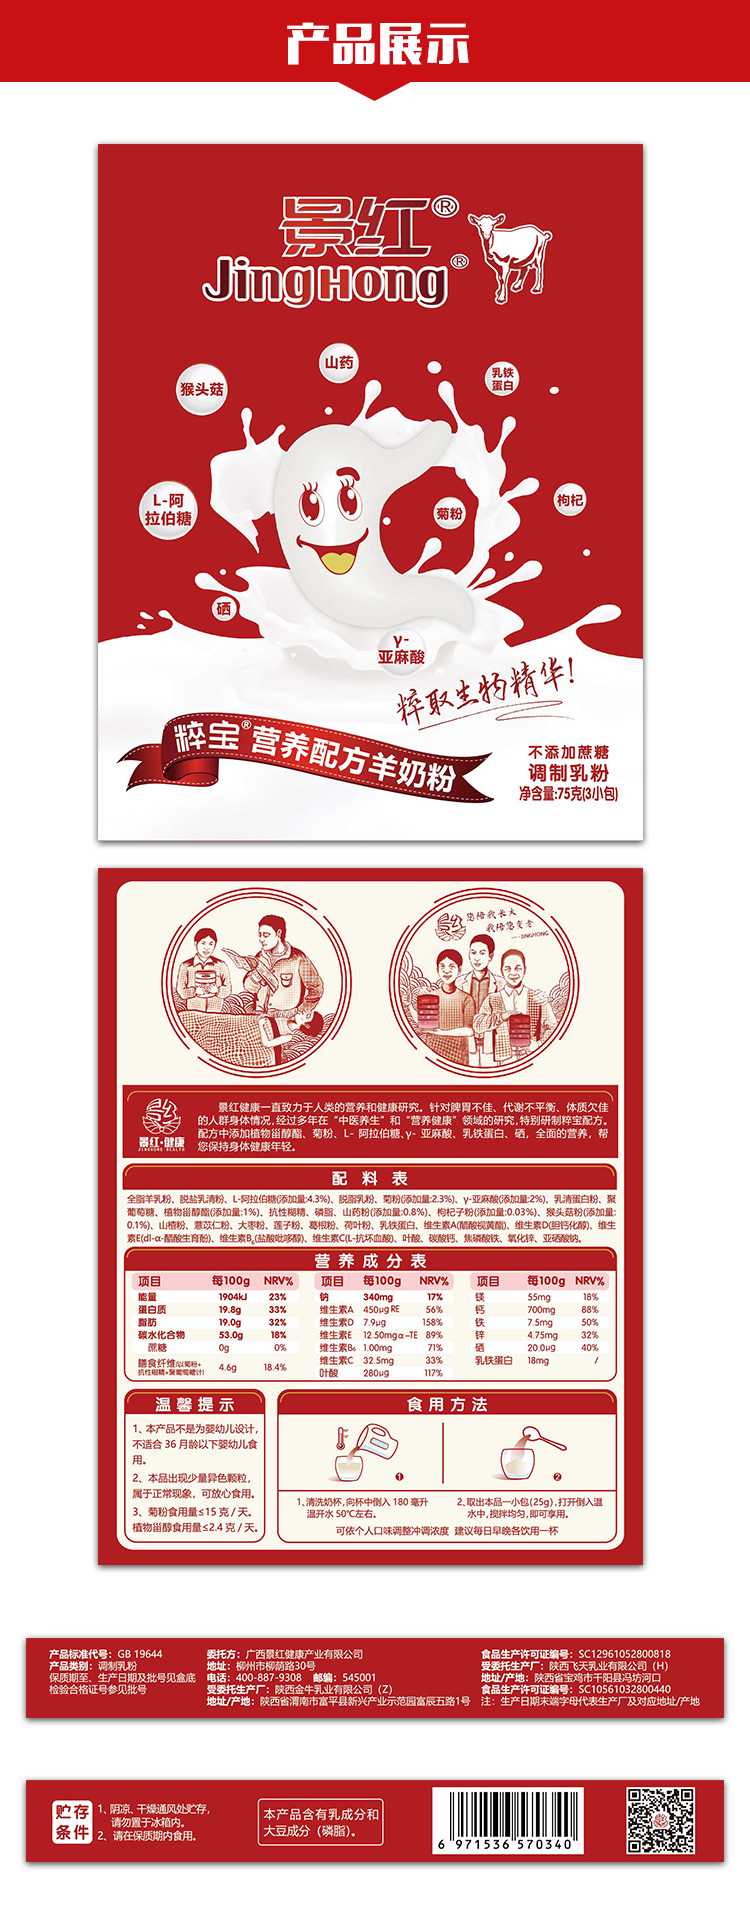 景红粹宝羊奶粉详情页11.jpg